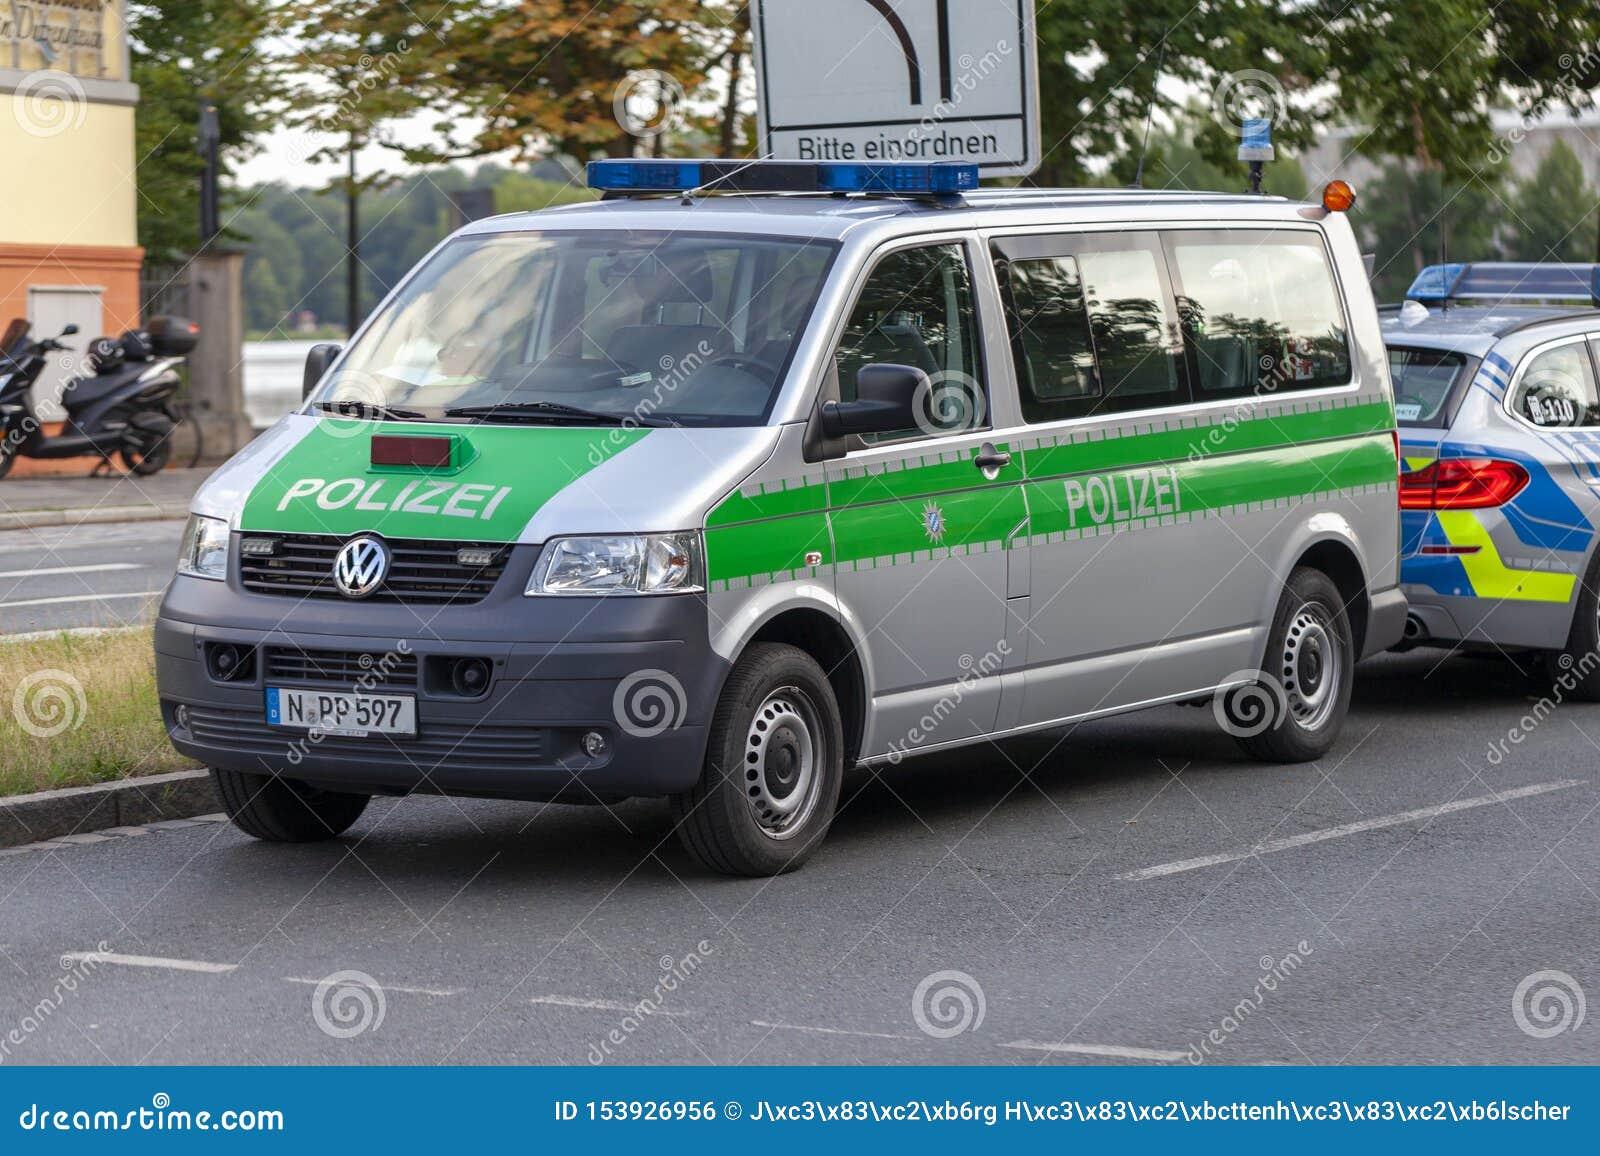 Polizeiwagen von den deutschen Polizeiständen auf einer Straße